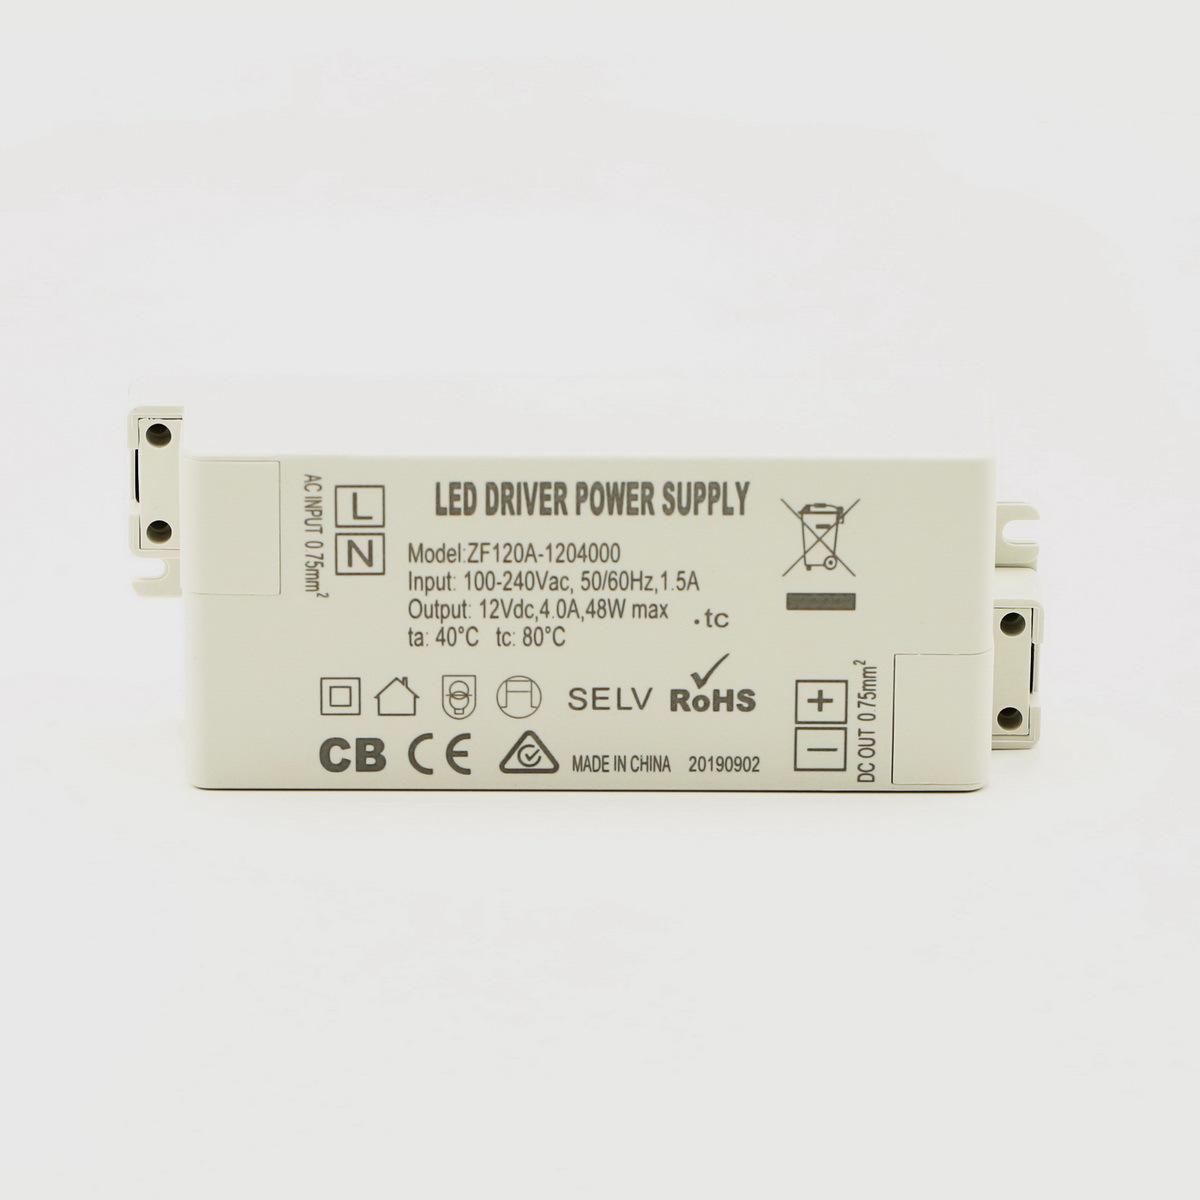 TLD Bộ nguồn không đổi Bên ngoài UL12V50W dòng điện liên tục và điện áp LED điều khiển không đổi, hệ